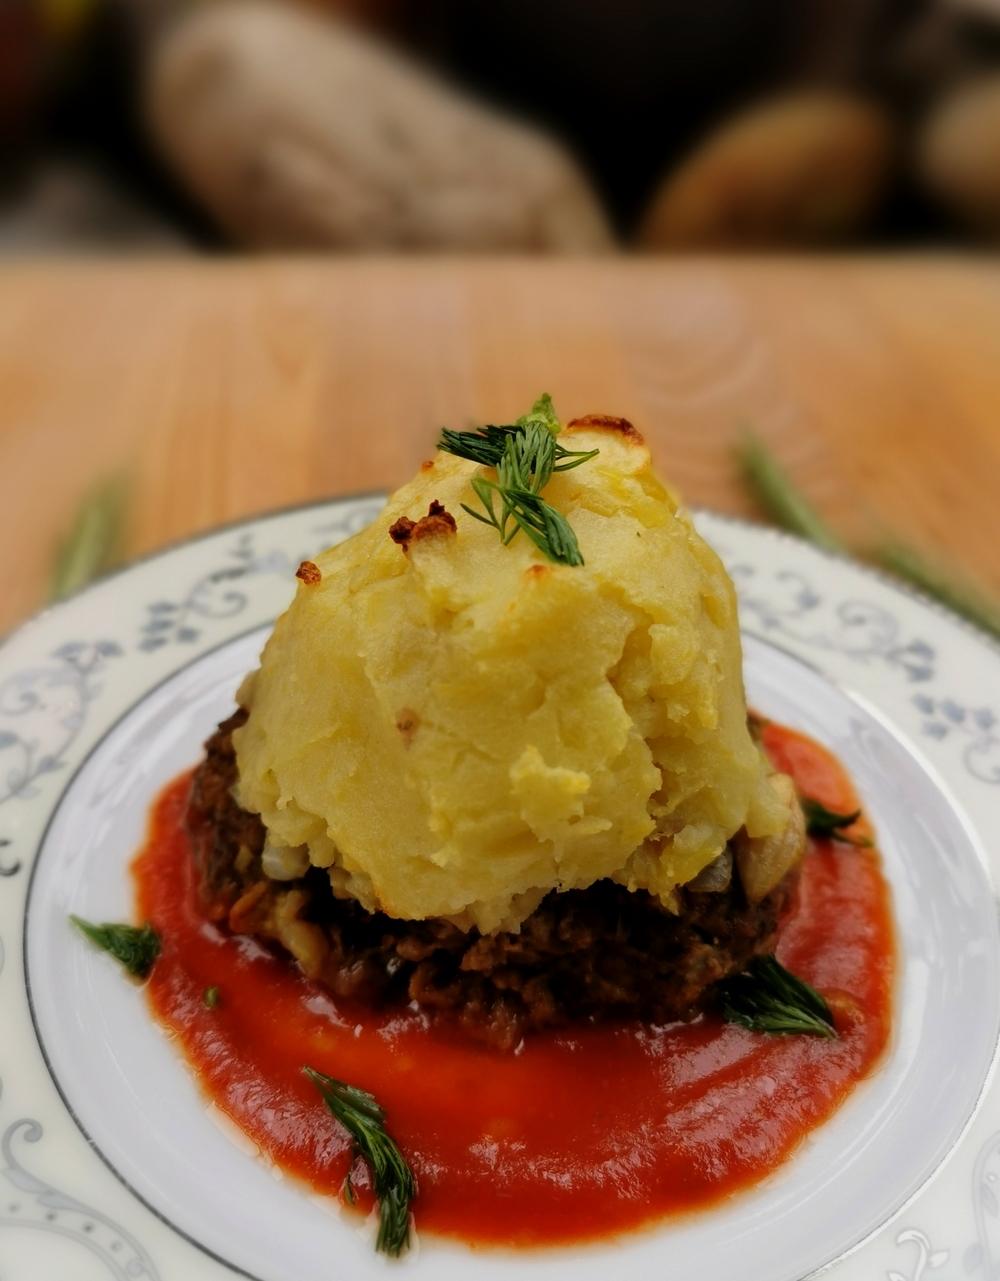 Kofta hassan pacha, boulettes turques à la purée et au fromage